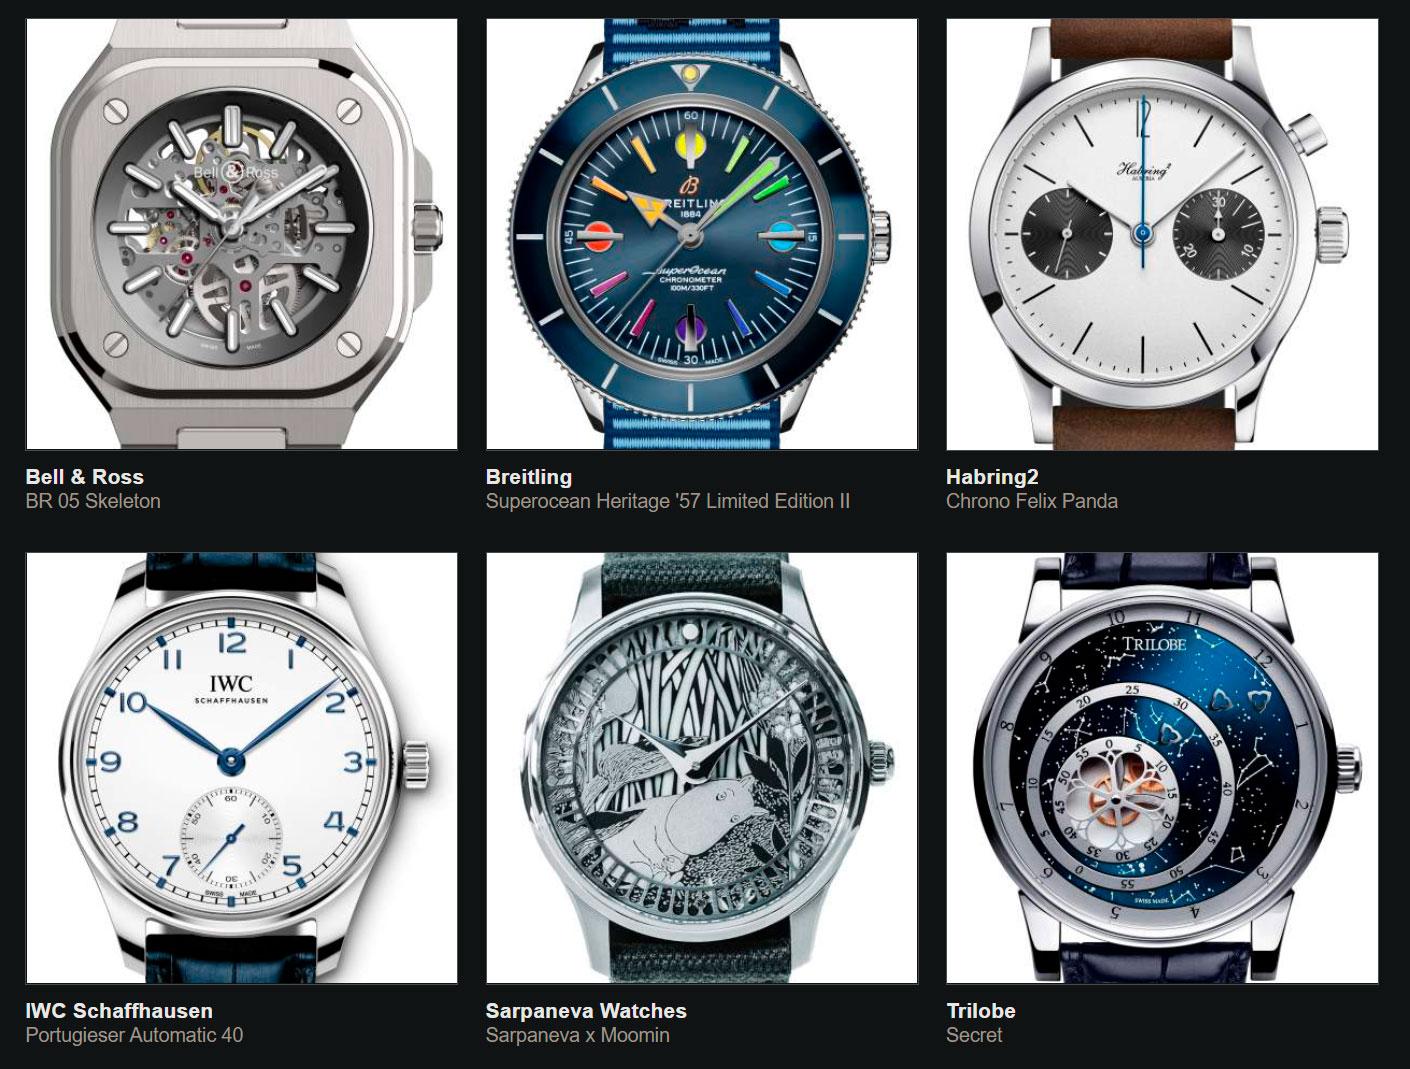 Finalistas del Gran Premio de Relojería de Ginebra 2020 Petit Aiguille